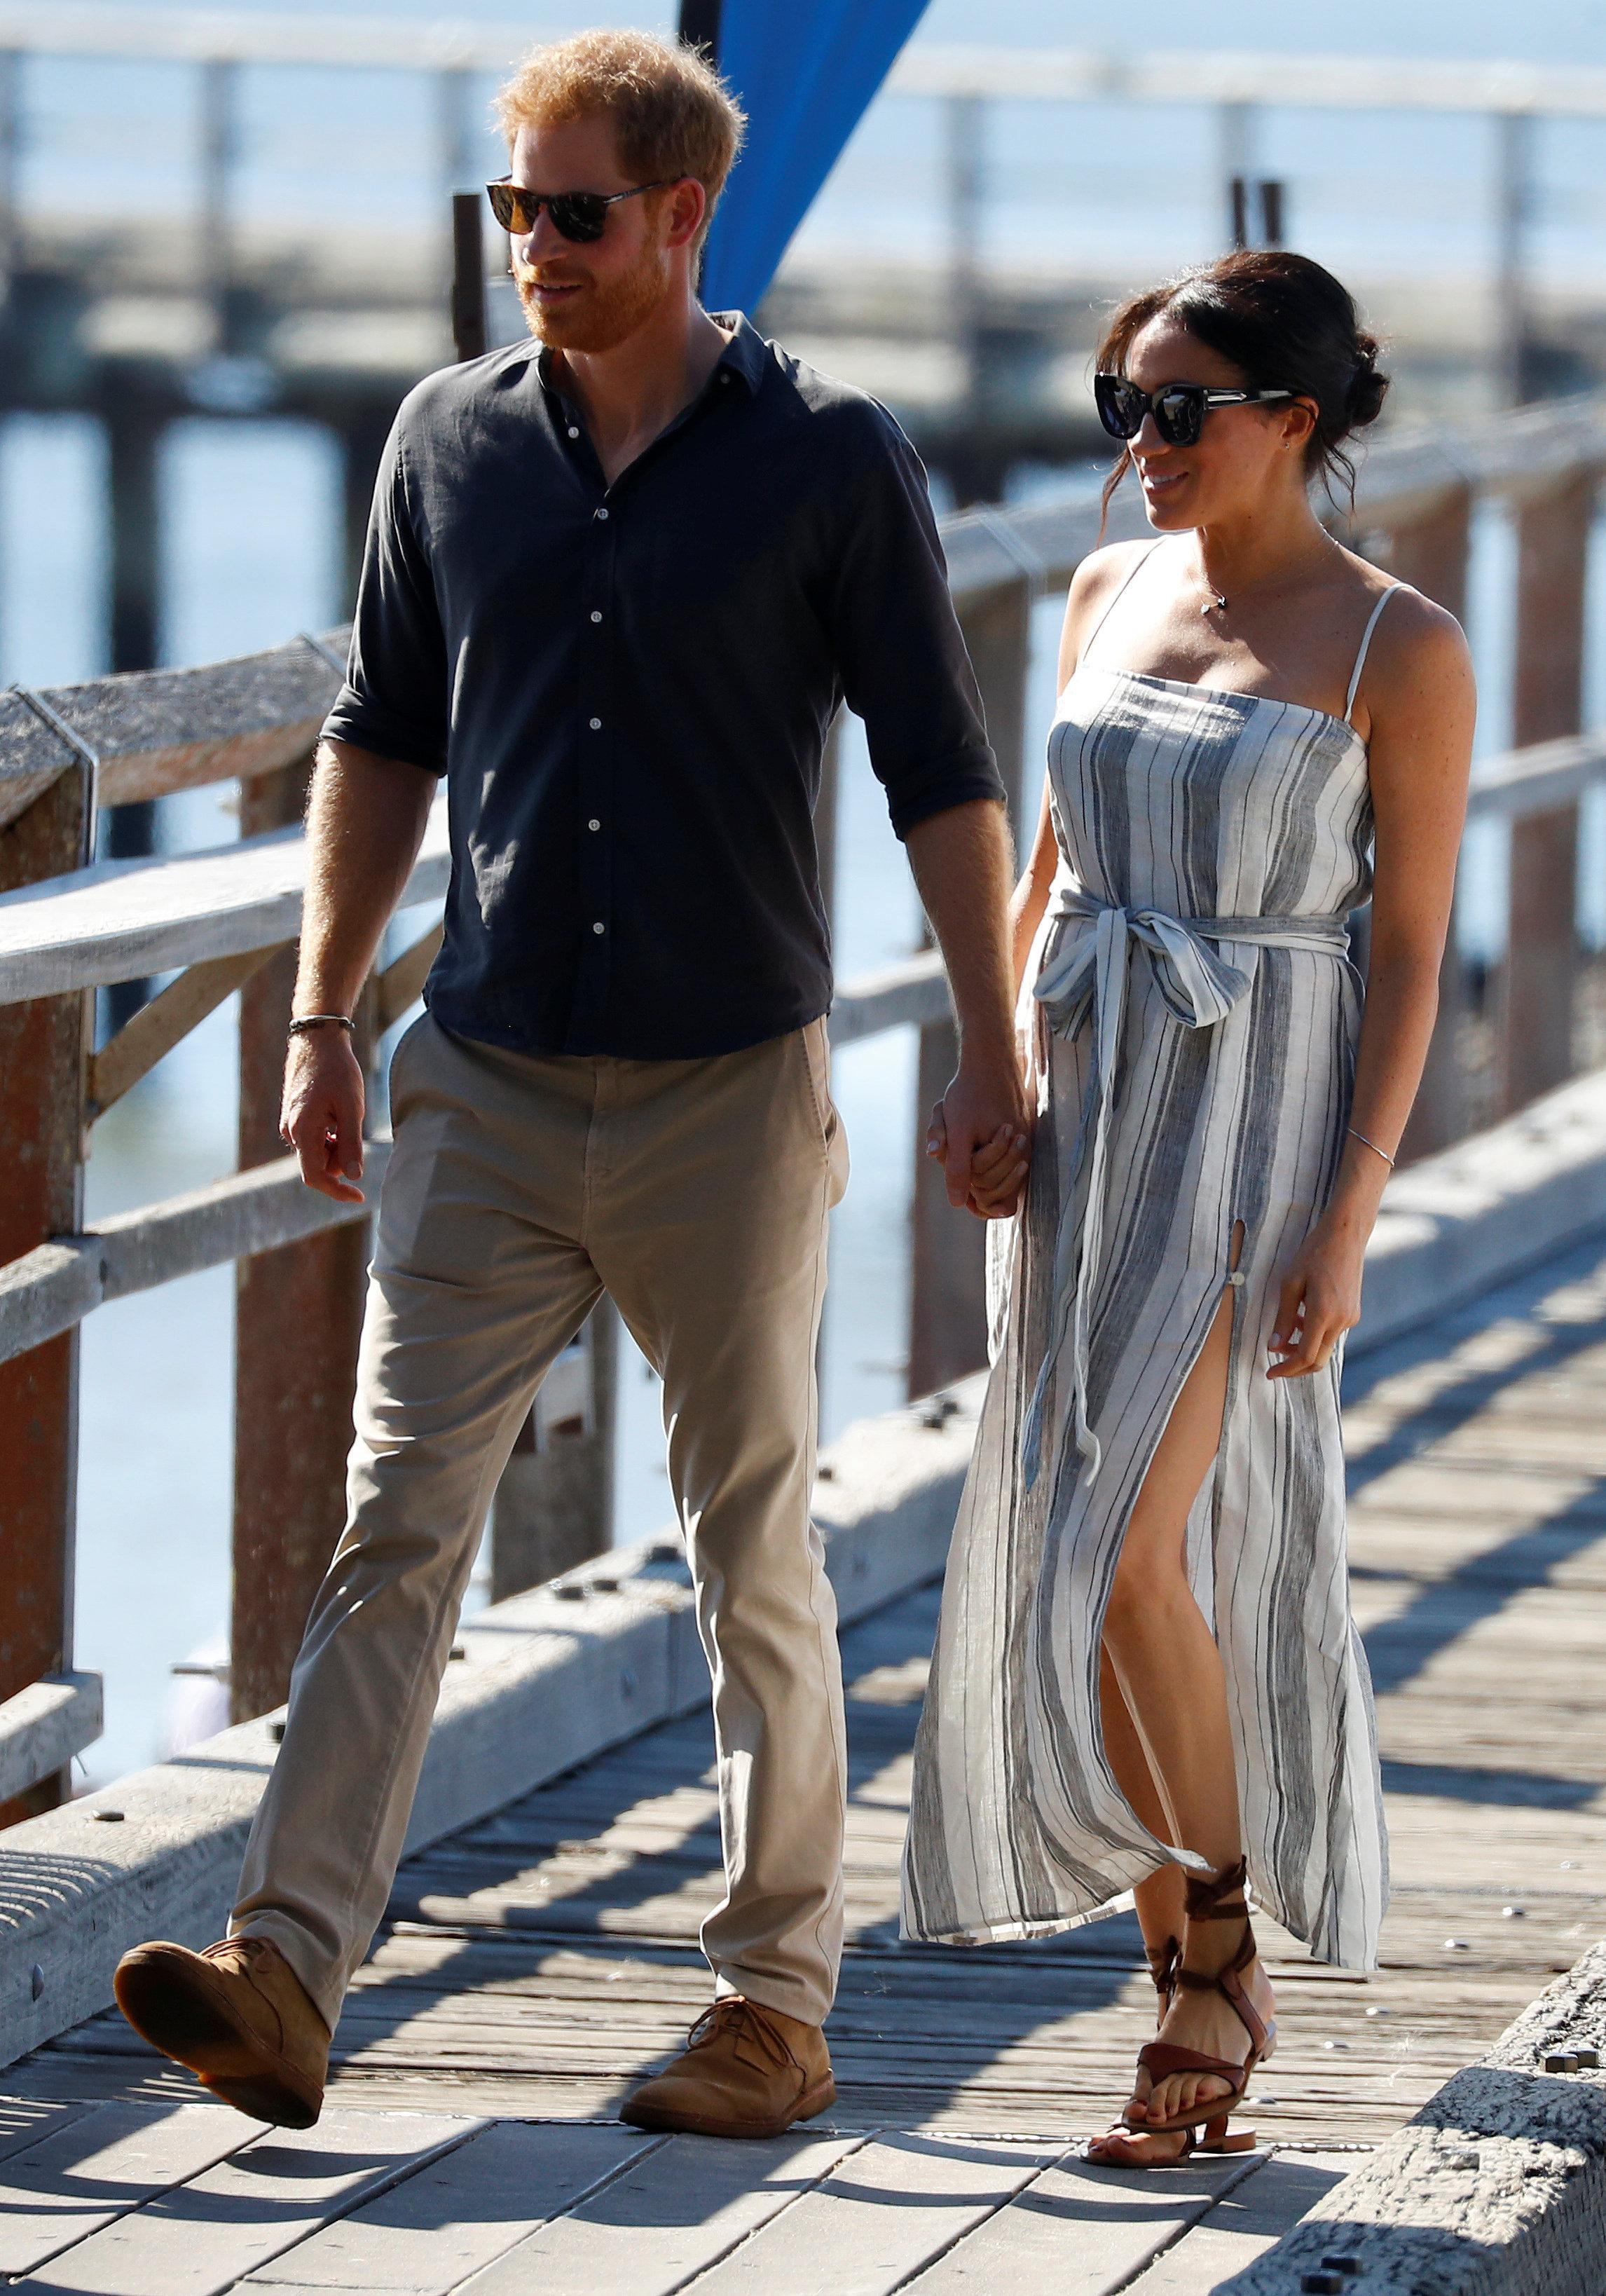 Χάρι και Μέγκαν στην Αυστραλία: Tο σκίσιμο στο φόρεμα και η εξομολόγηση για το φύλο του